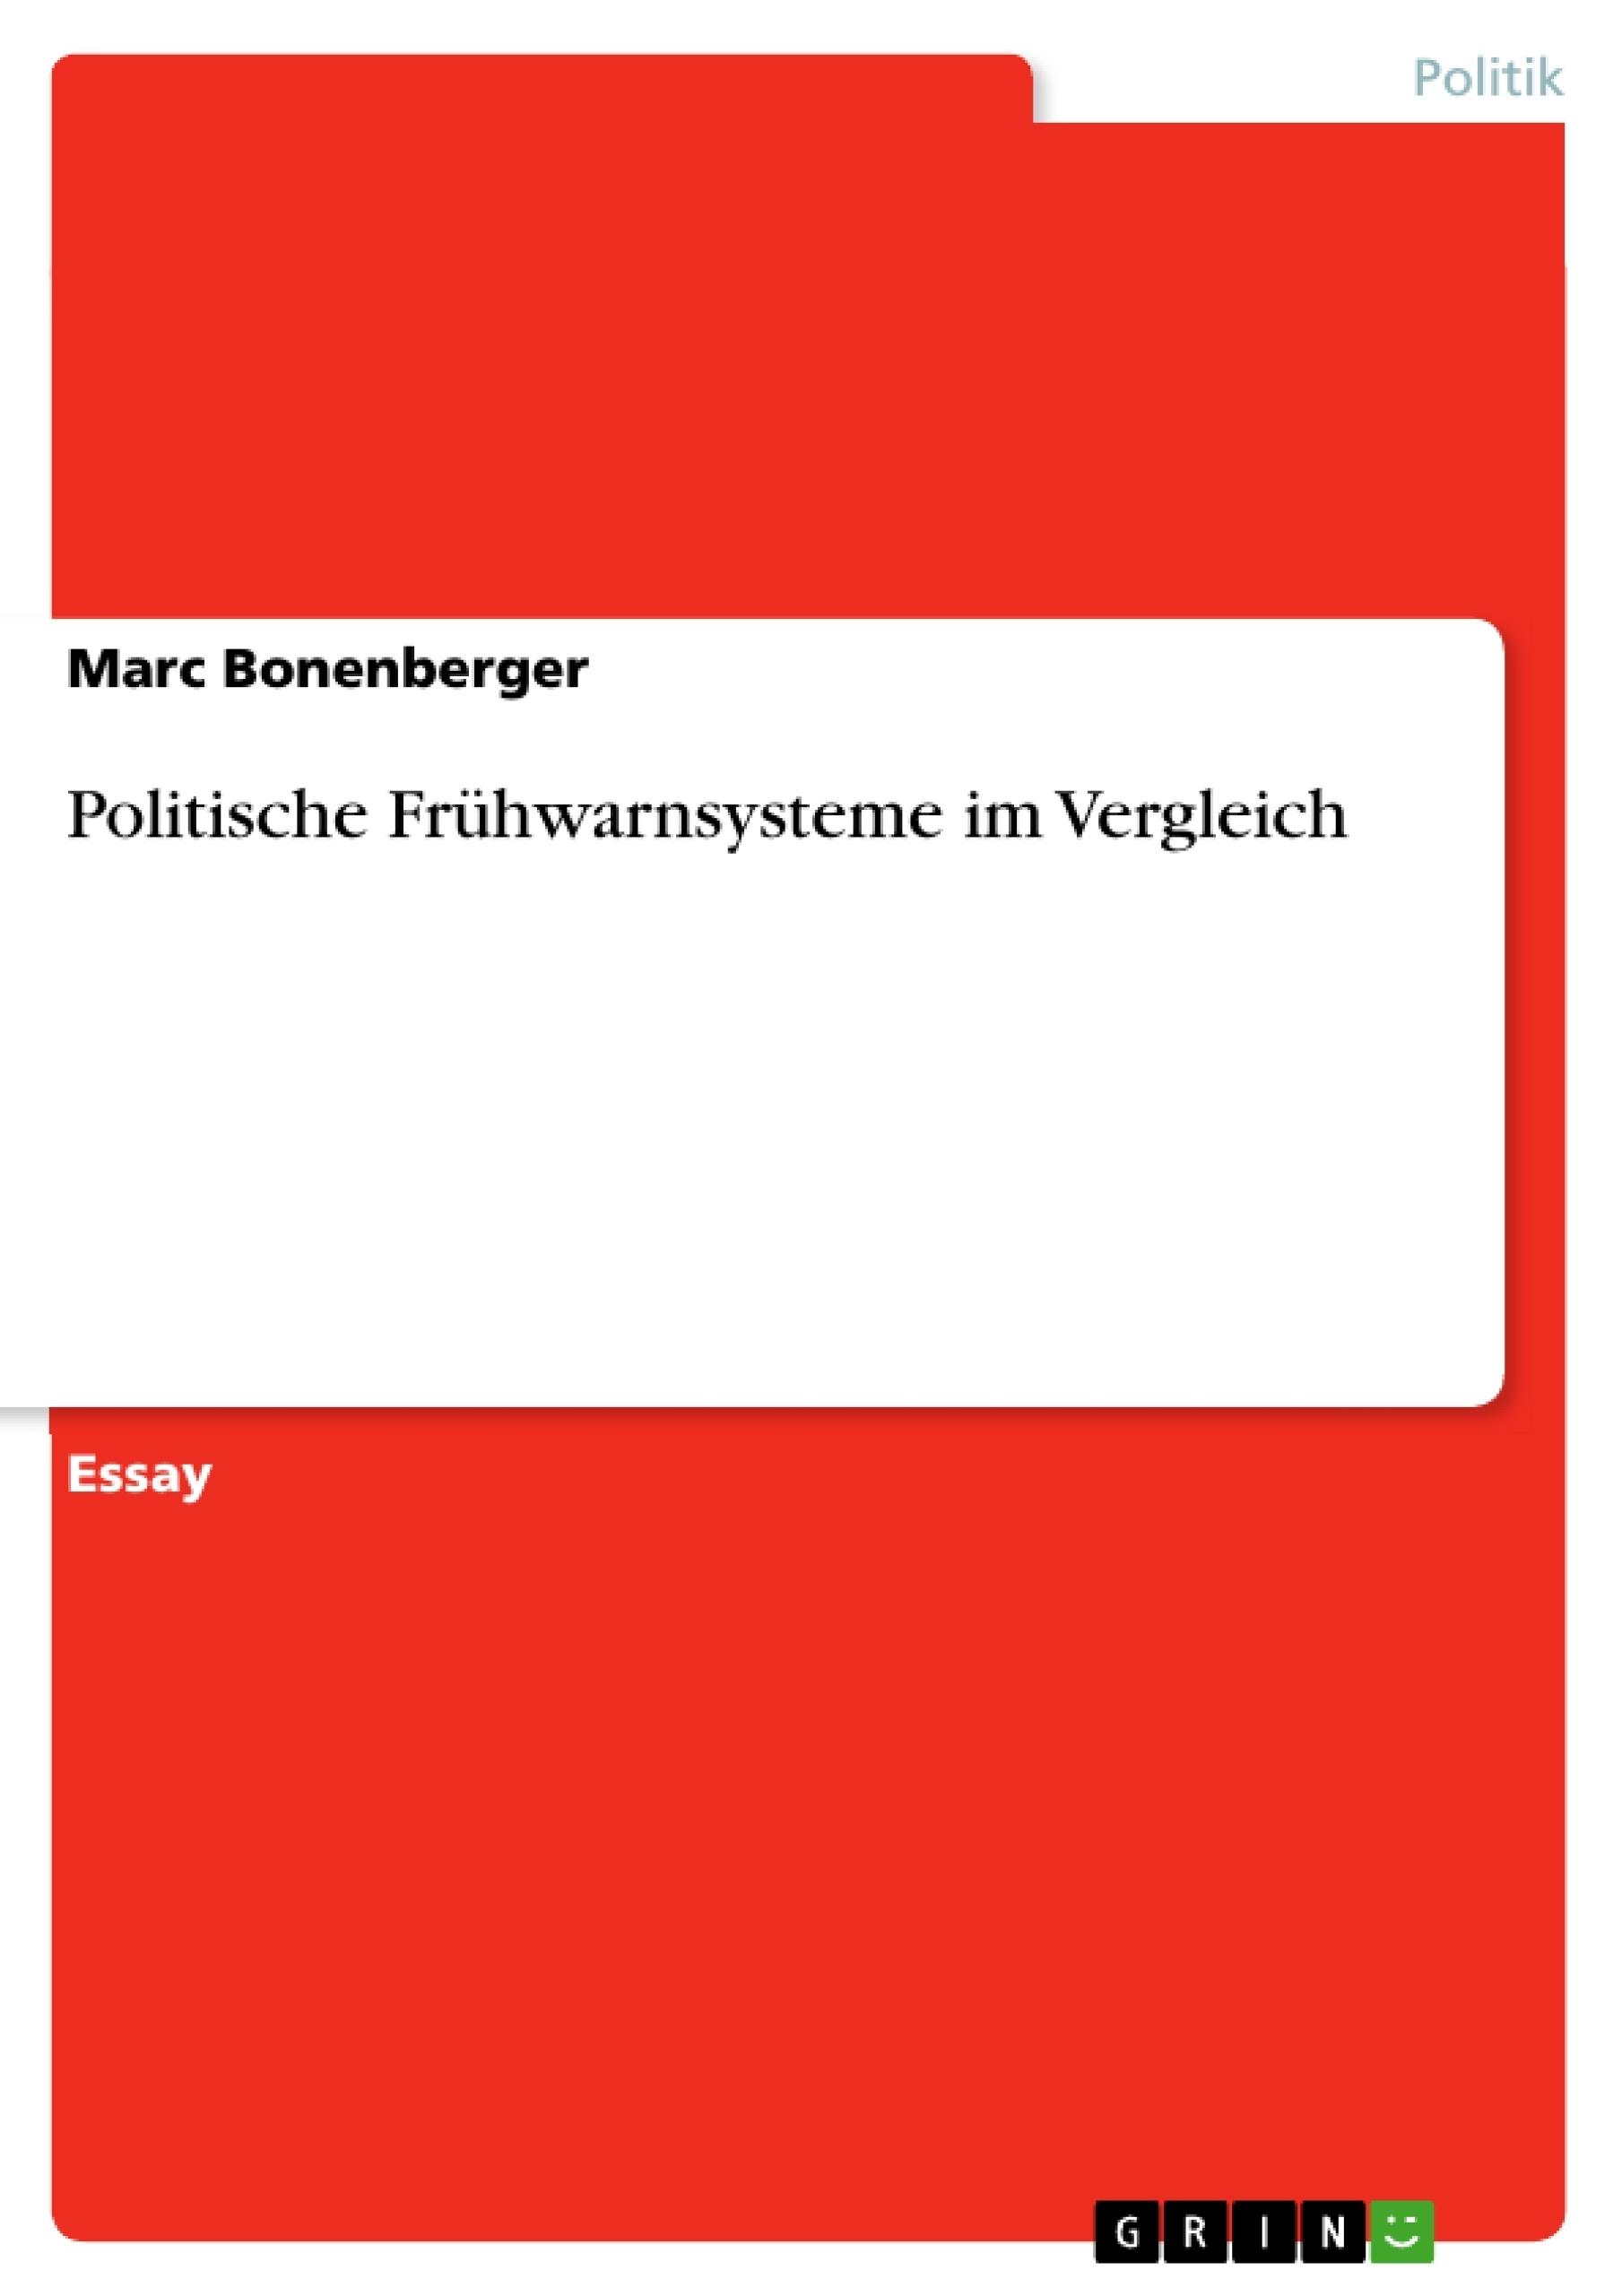 Titel: Politische Frühwarnsysteme im Vergleich